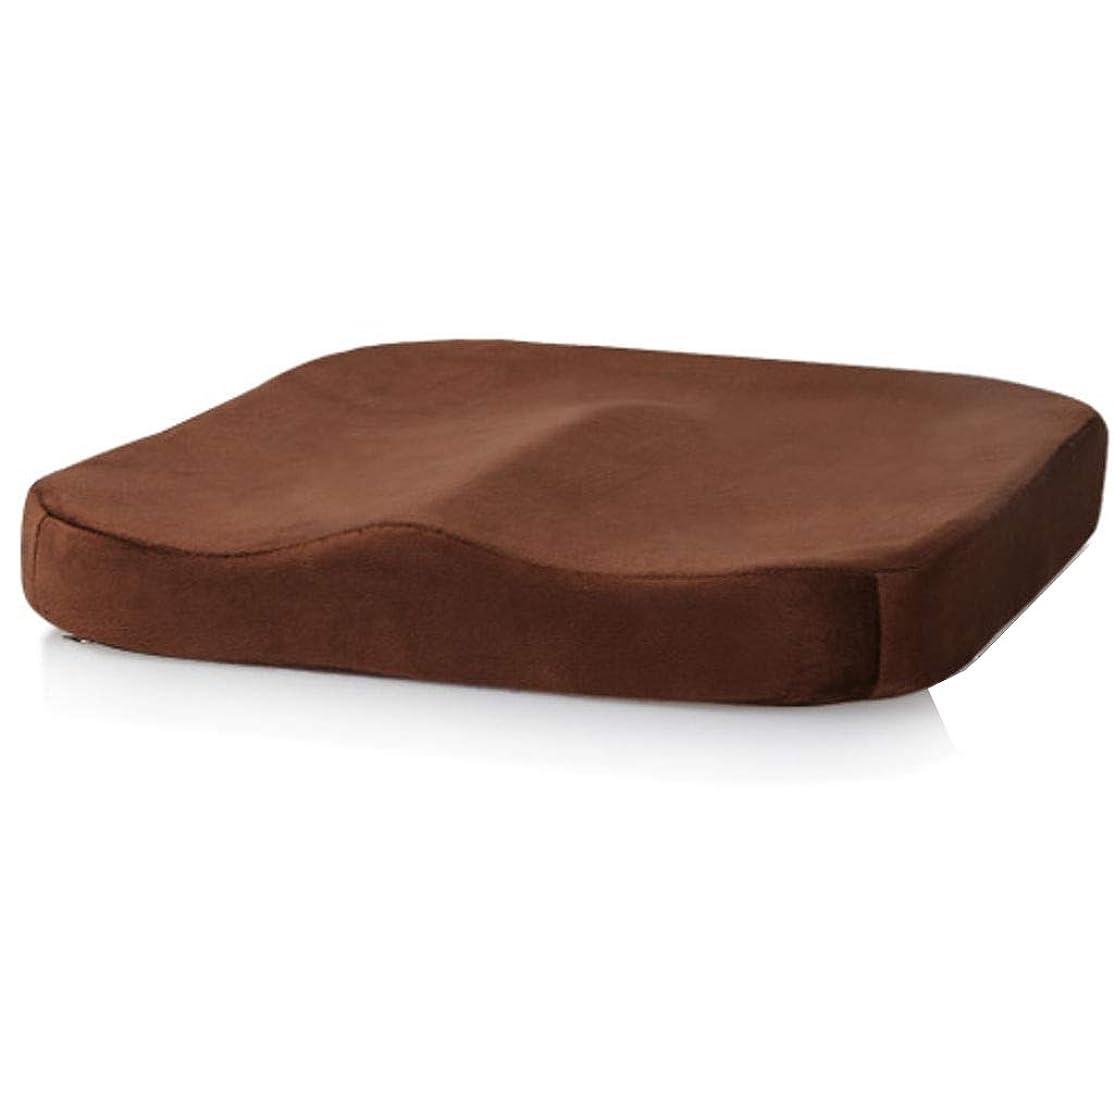 甲虫簡単にバドミントン記憶 フォーム クッション/厚くするスーパーソフトぬいぐるみチェアパッド座面クッションバットパッドのために適したホーム事務所寮レストラン-ブラウン-40バツ40バツ5.5CM(16バツ16バツ2インチ)